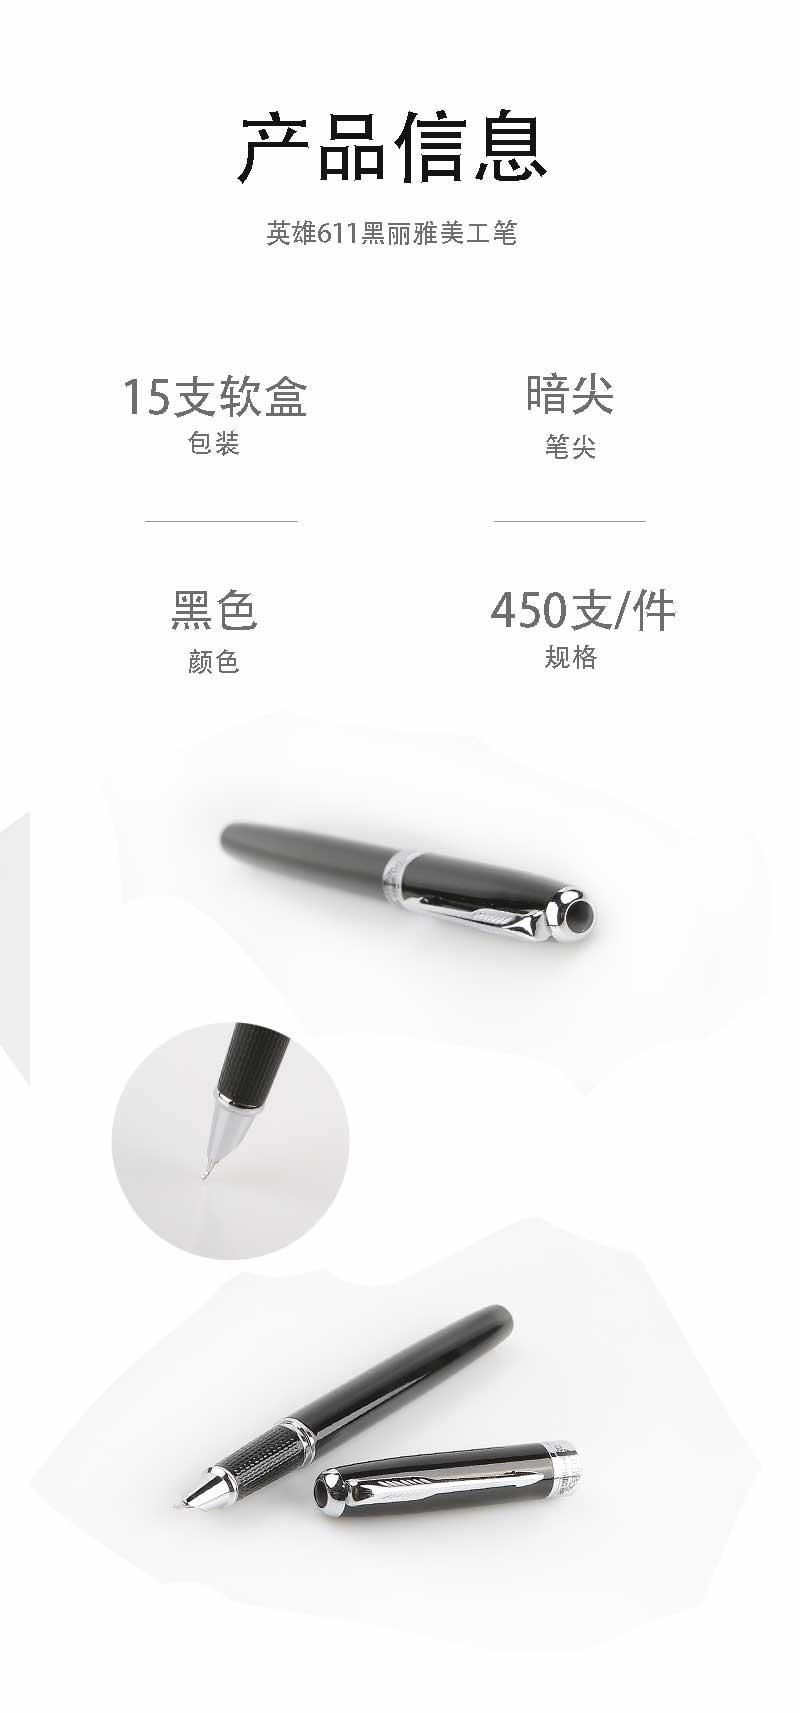 英雄611黑丽雅美工笔.jpg